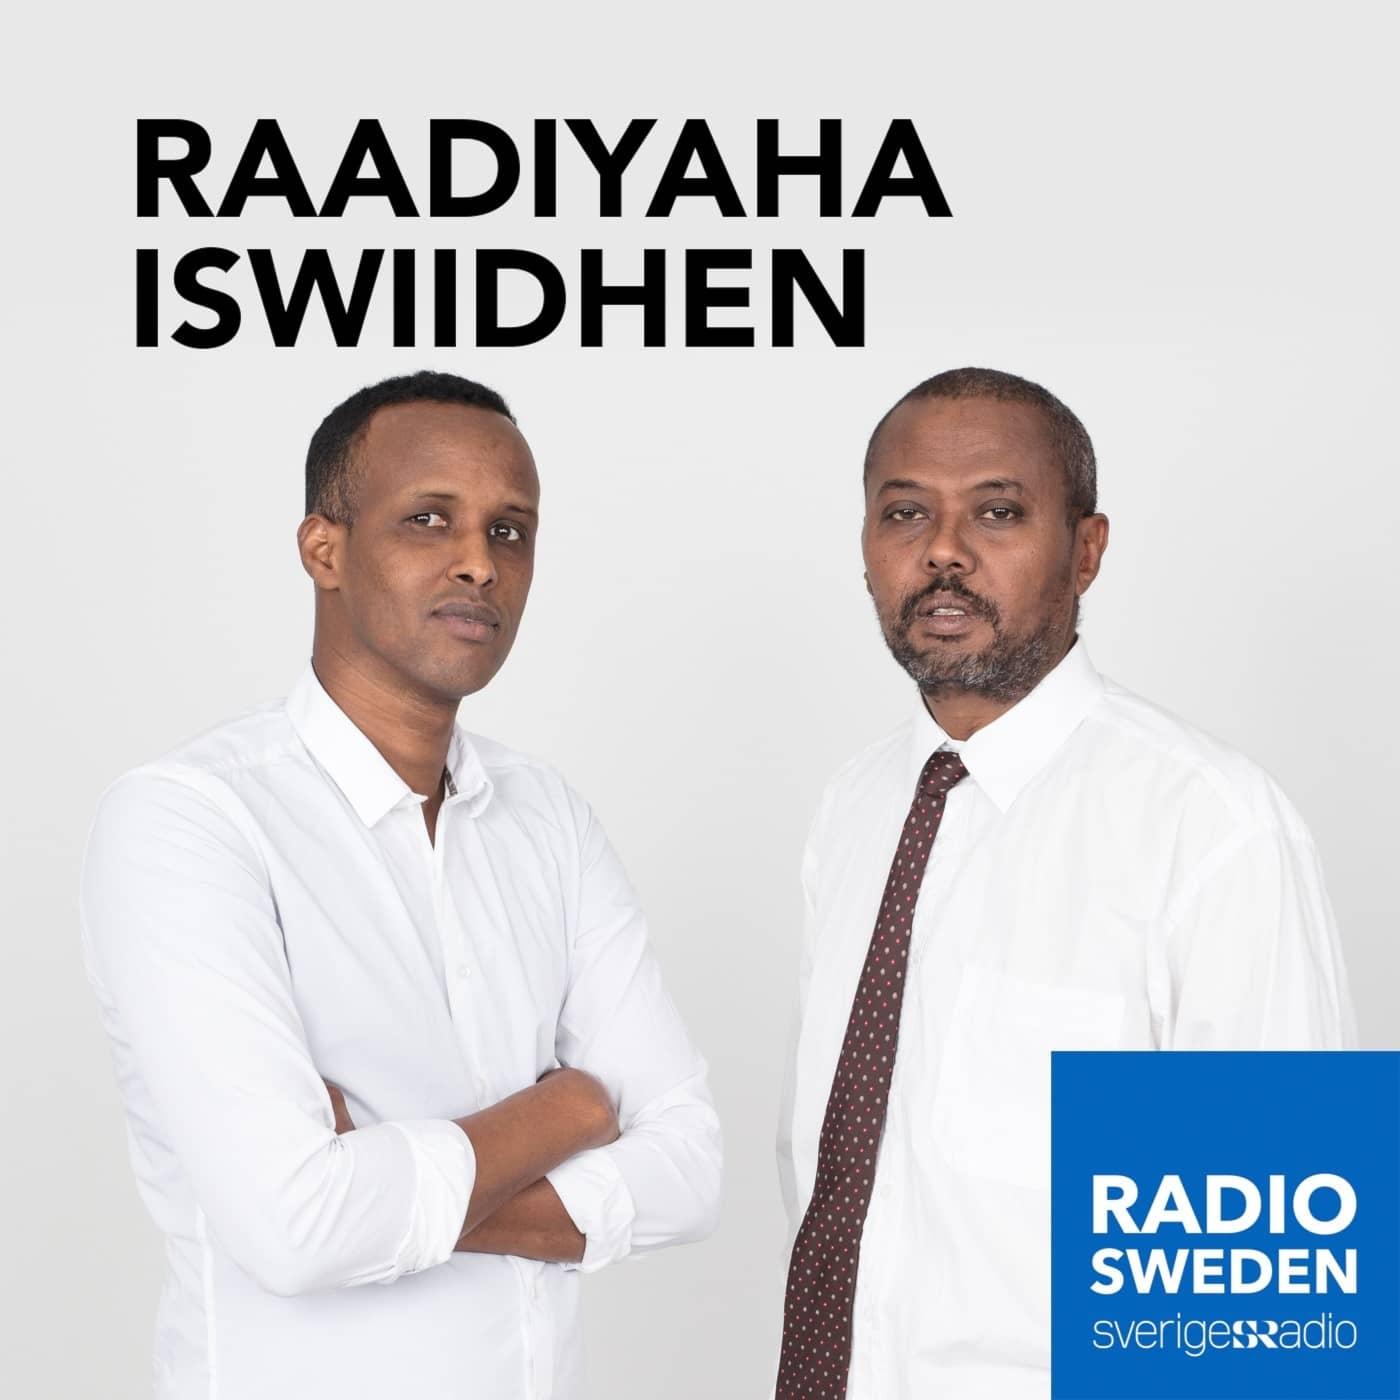 Raadiyaha Iswiidhen